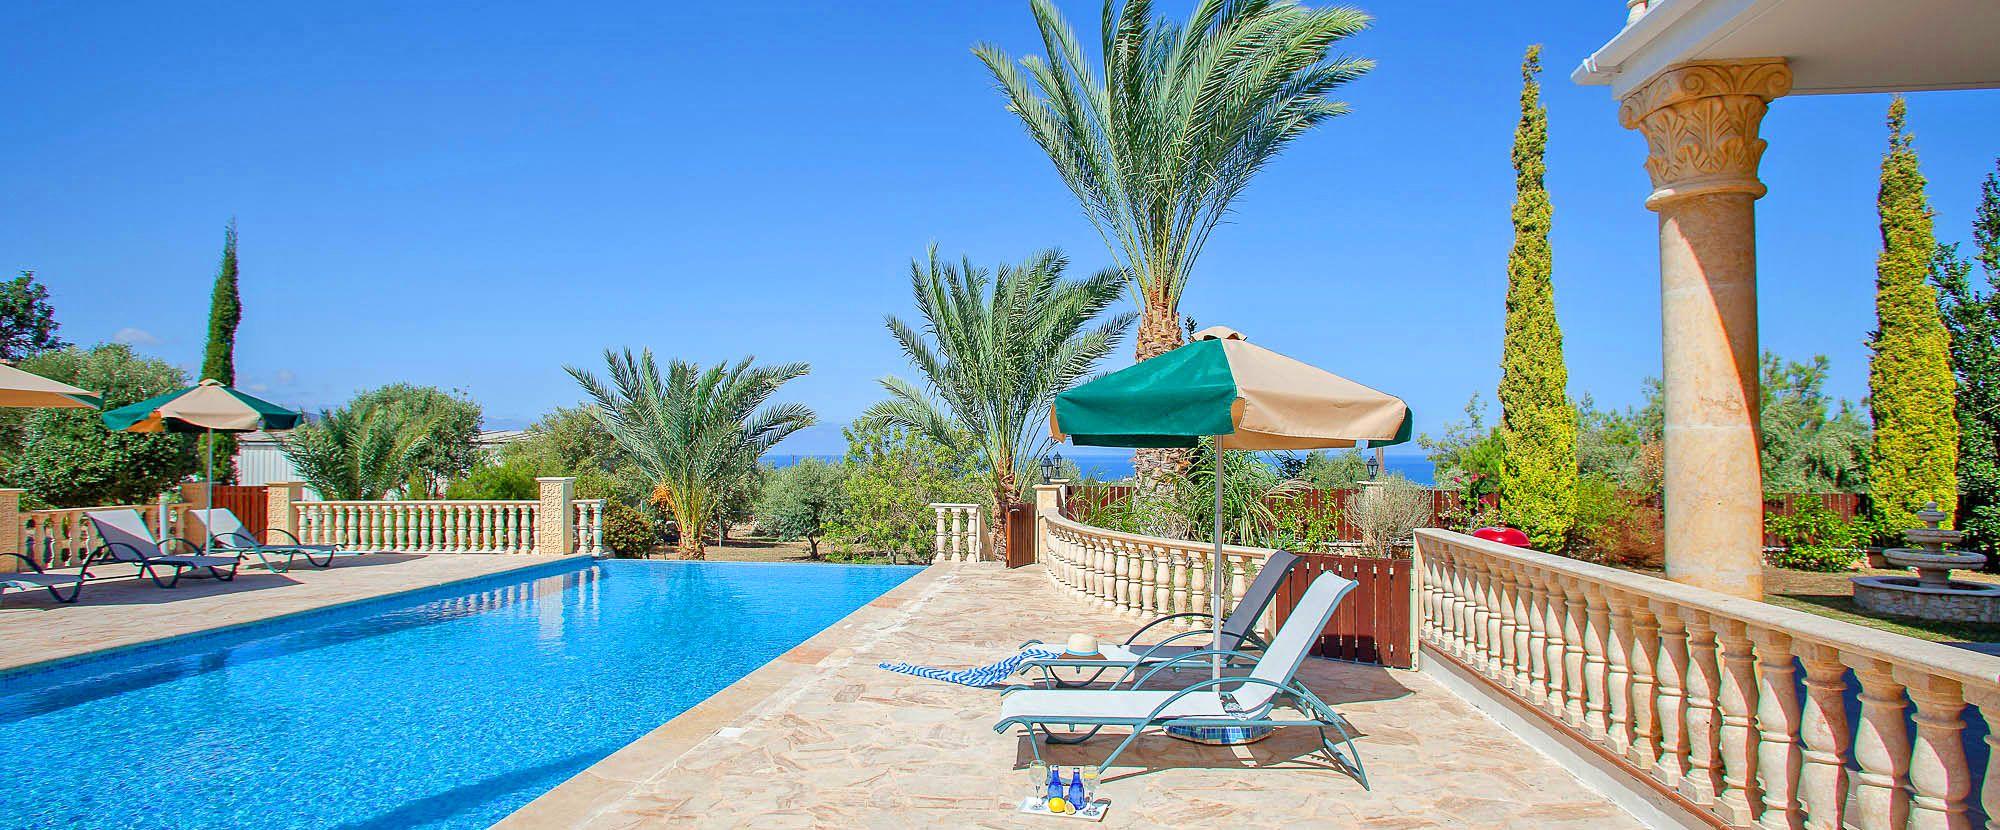 ferienhaus zypern zys4743 mit pool und whirlpool On ferienhaus zypern